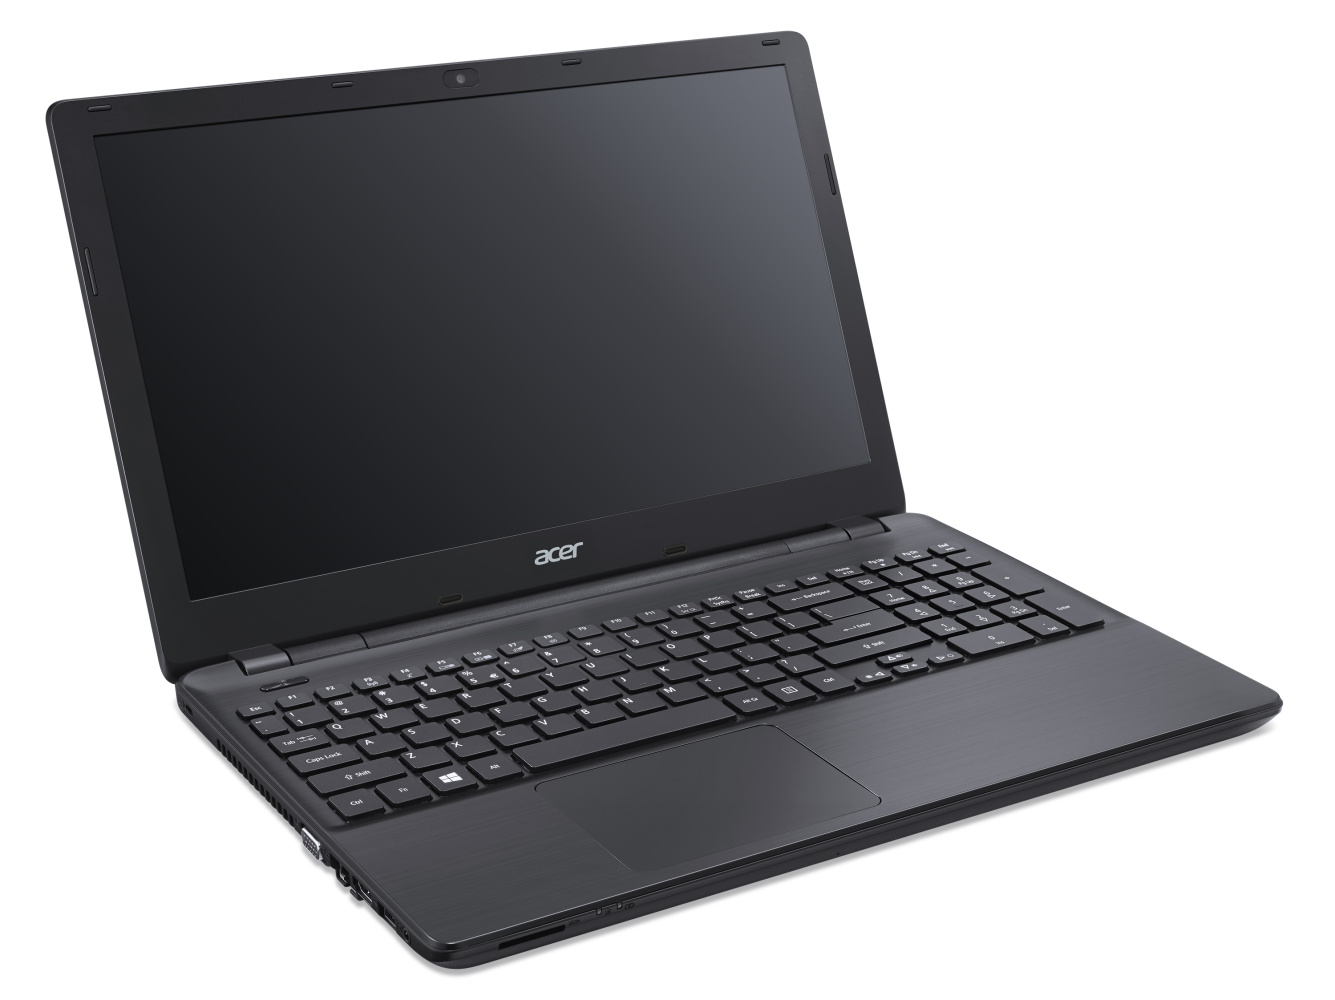 """Acer Aspire E15 (E5-573-51AR) i5-4210U/4GB+N/128 GB SSD+N/DVDRW/HD Graphics/15.6"""" FHD matný/BT/W10 Home/Full White"""